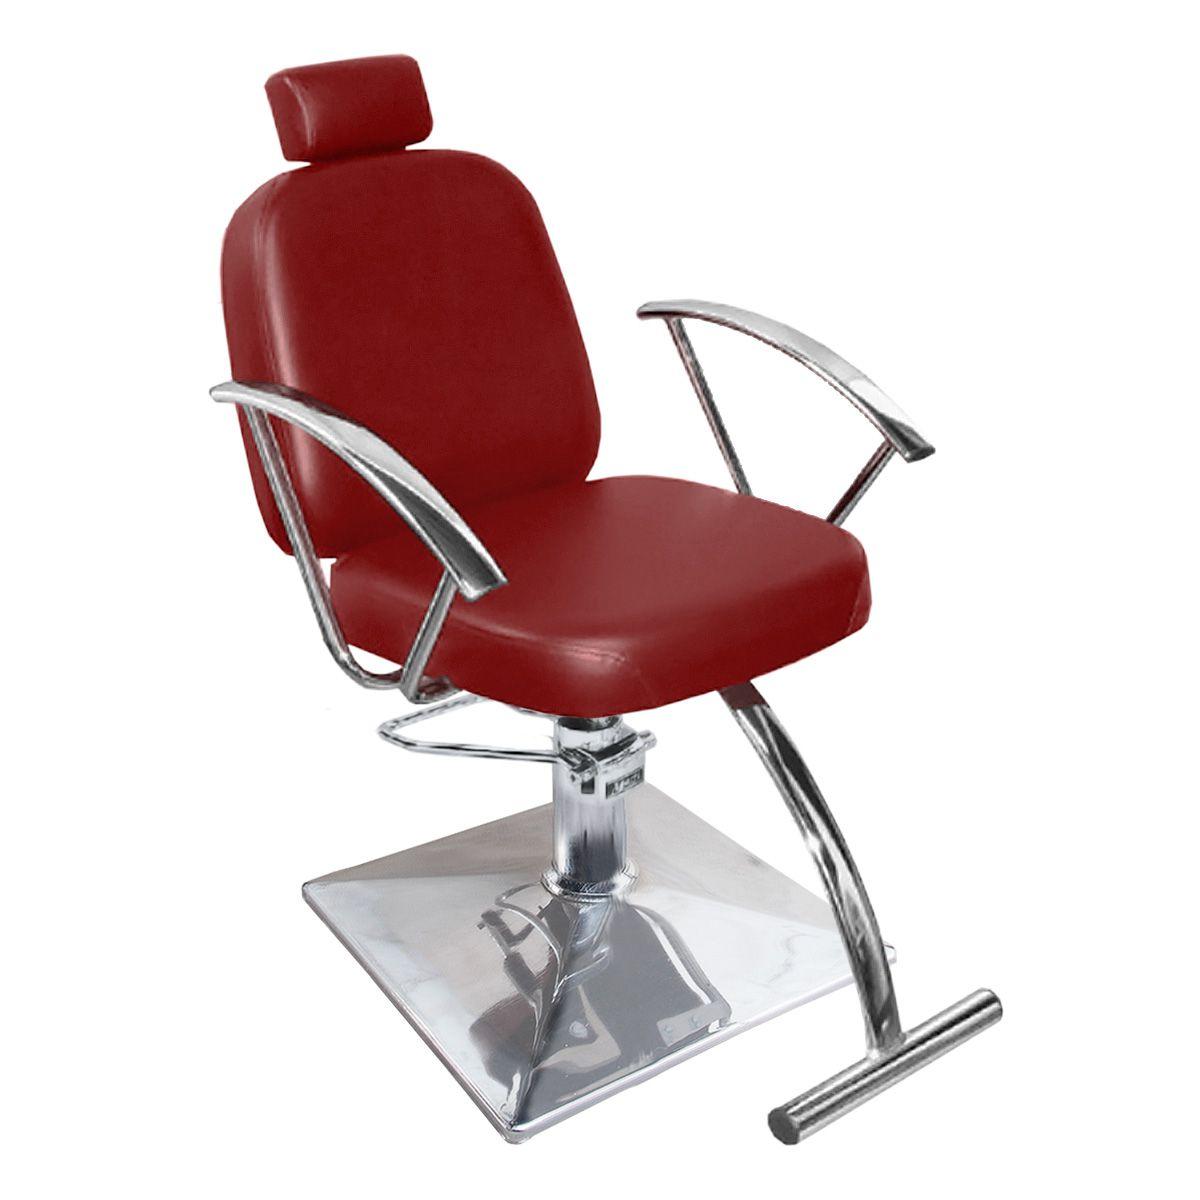 Cadeira de Cabeleireiro Turim Encosto Fixo - Pé Quadrado